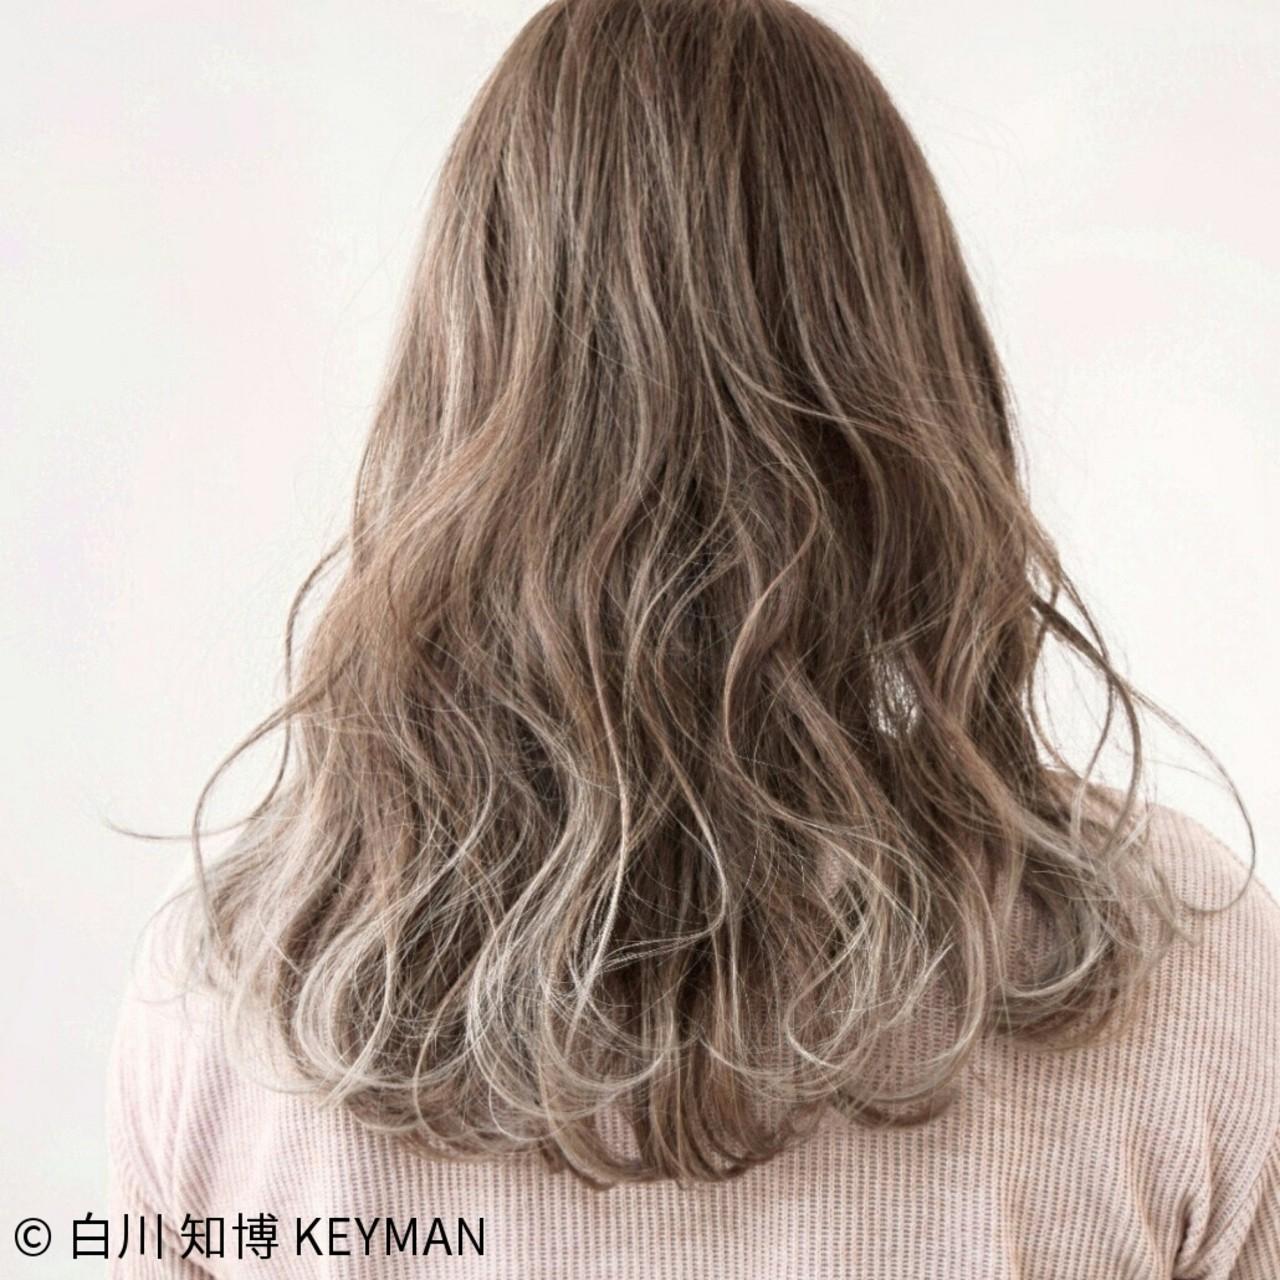 ミルクティー 外国人風 セミロング ニュアンス ヘアスタイルや髪型の写真・画像 | 白川 知博 / KEYMAN